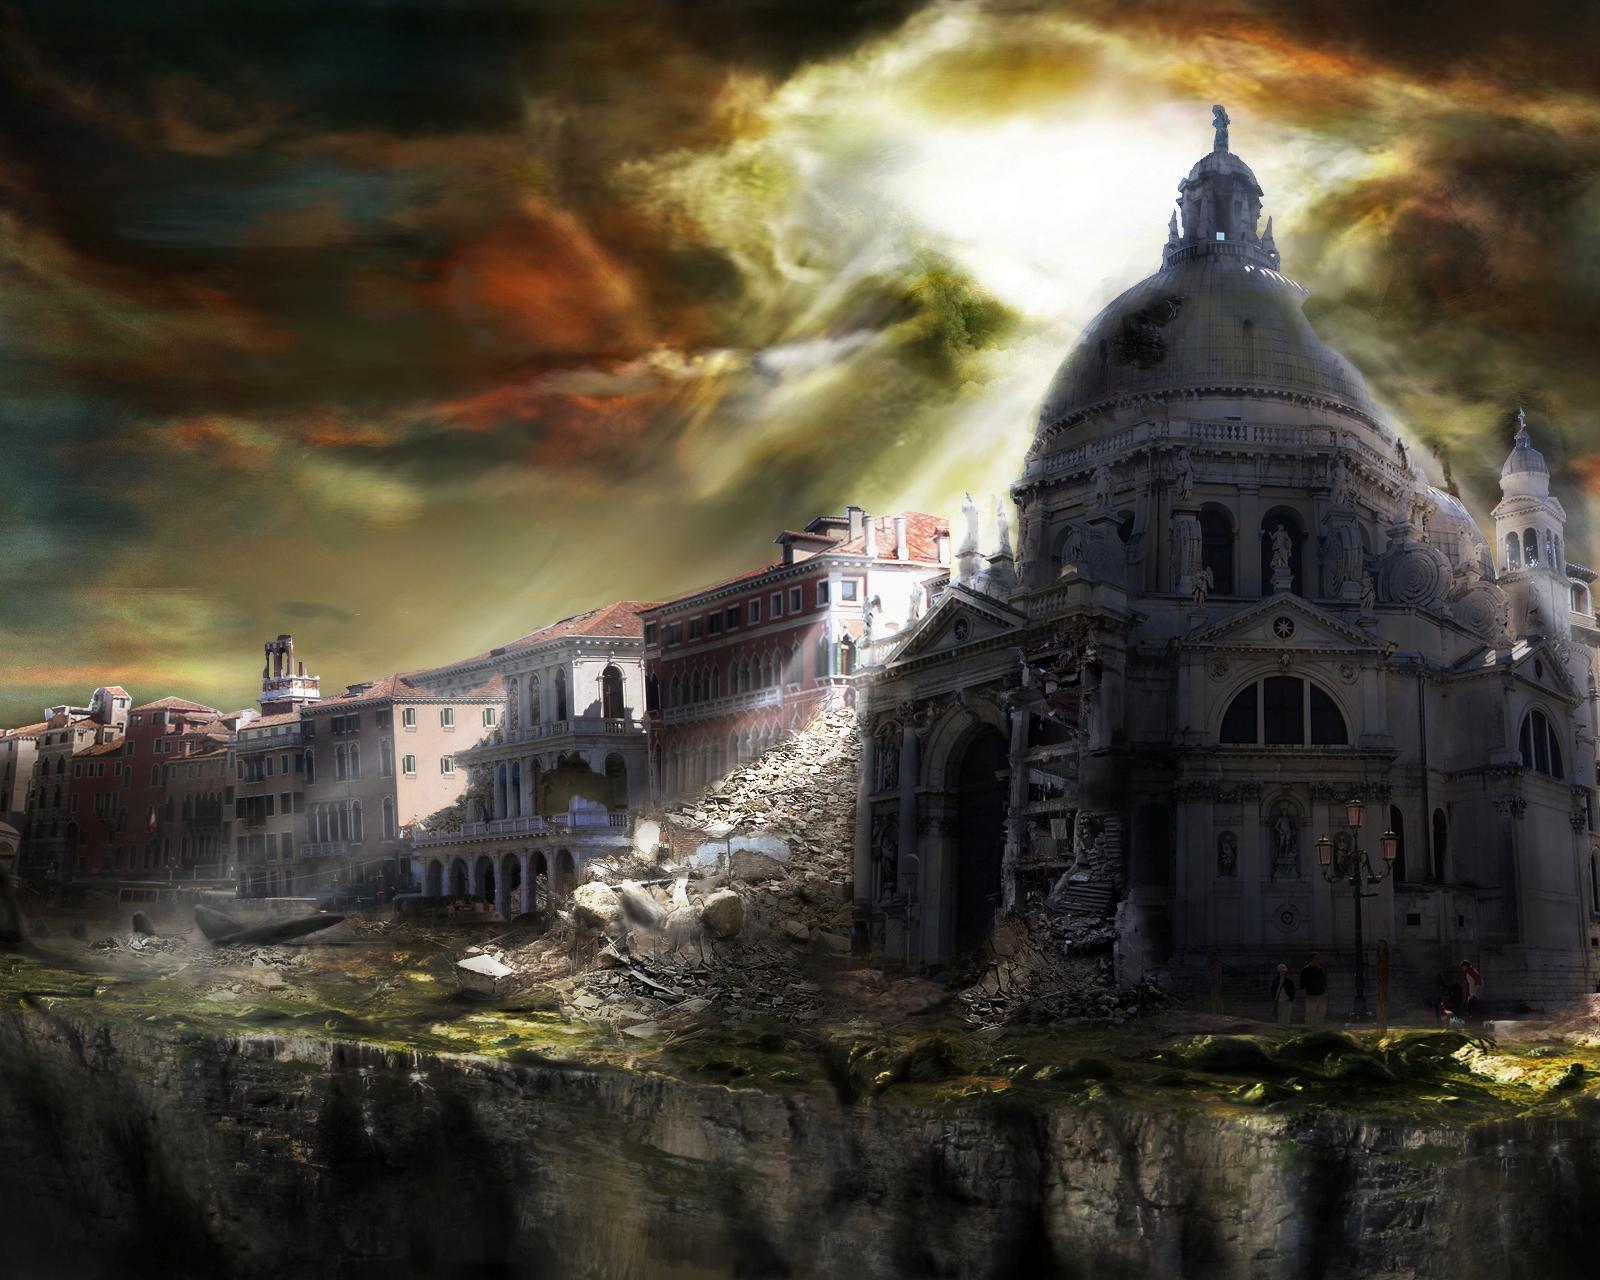 17163 скачать обои Пейзаж, Города, Фэнтези, Рисунки - заставки и картинки бесплатно